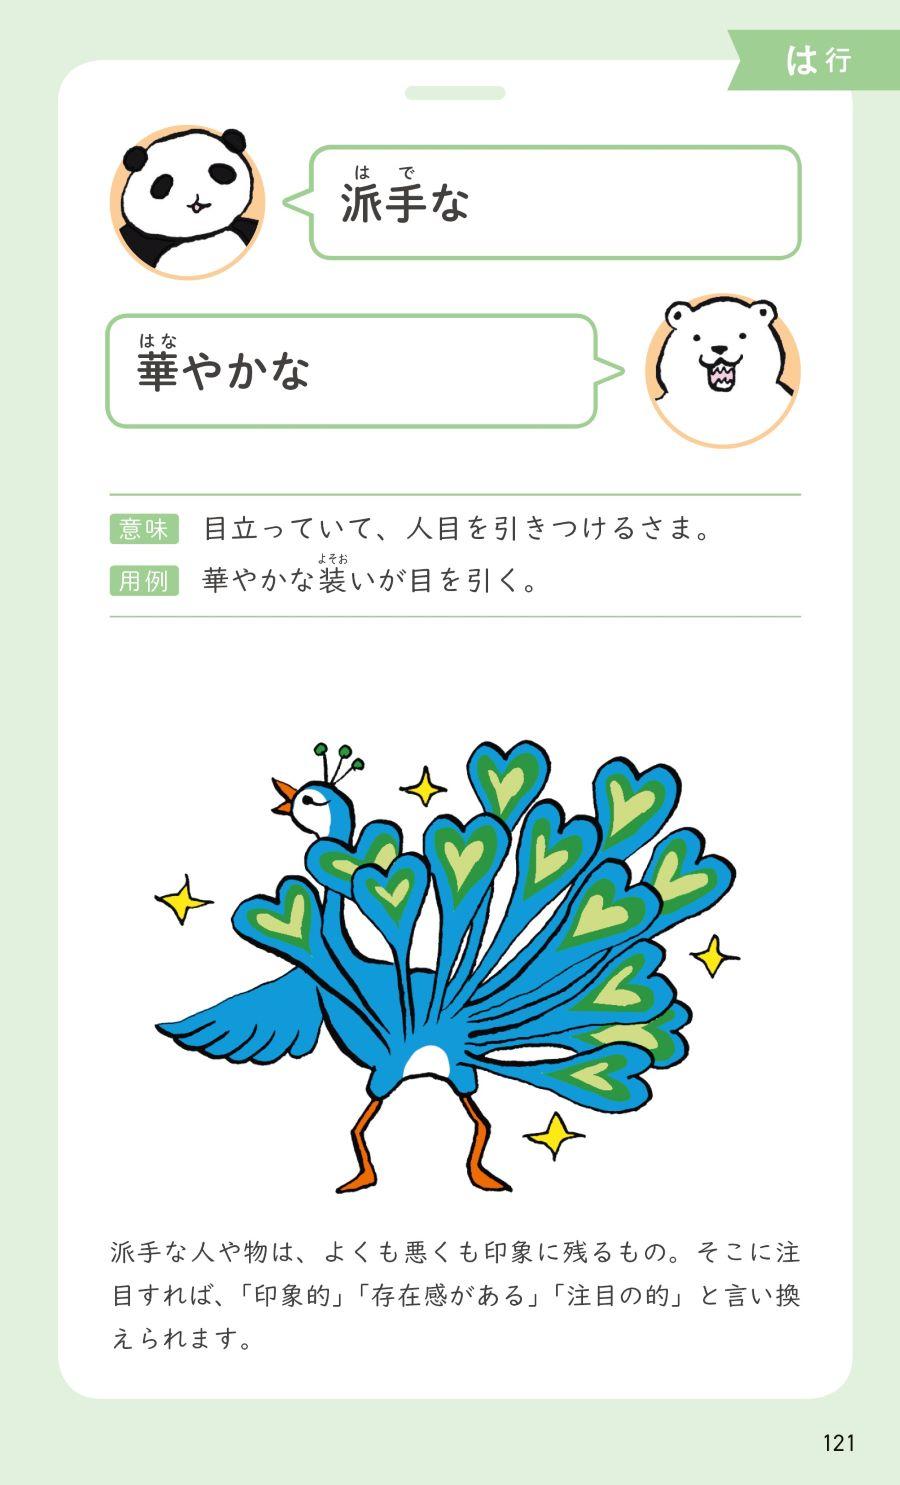 20210605_ことば選び辞典6.jpg